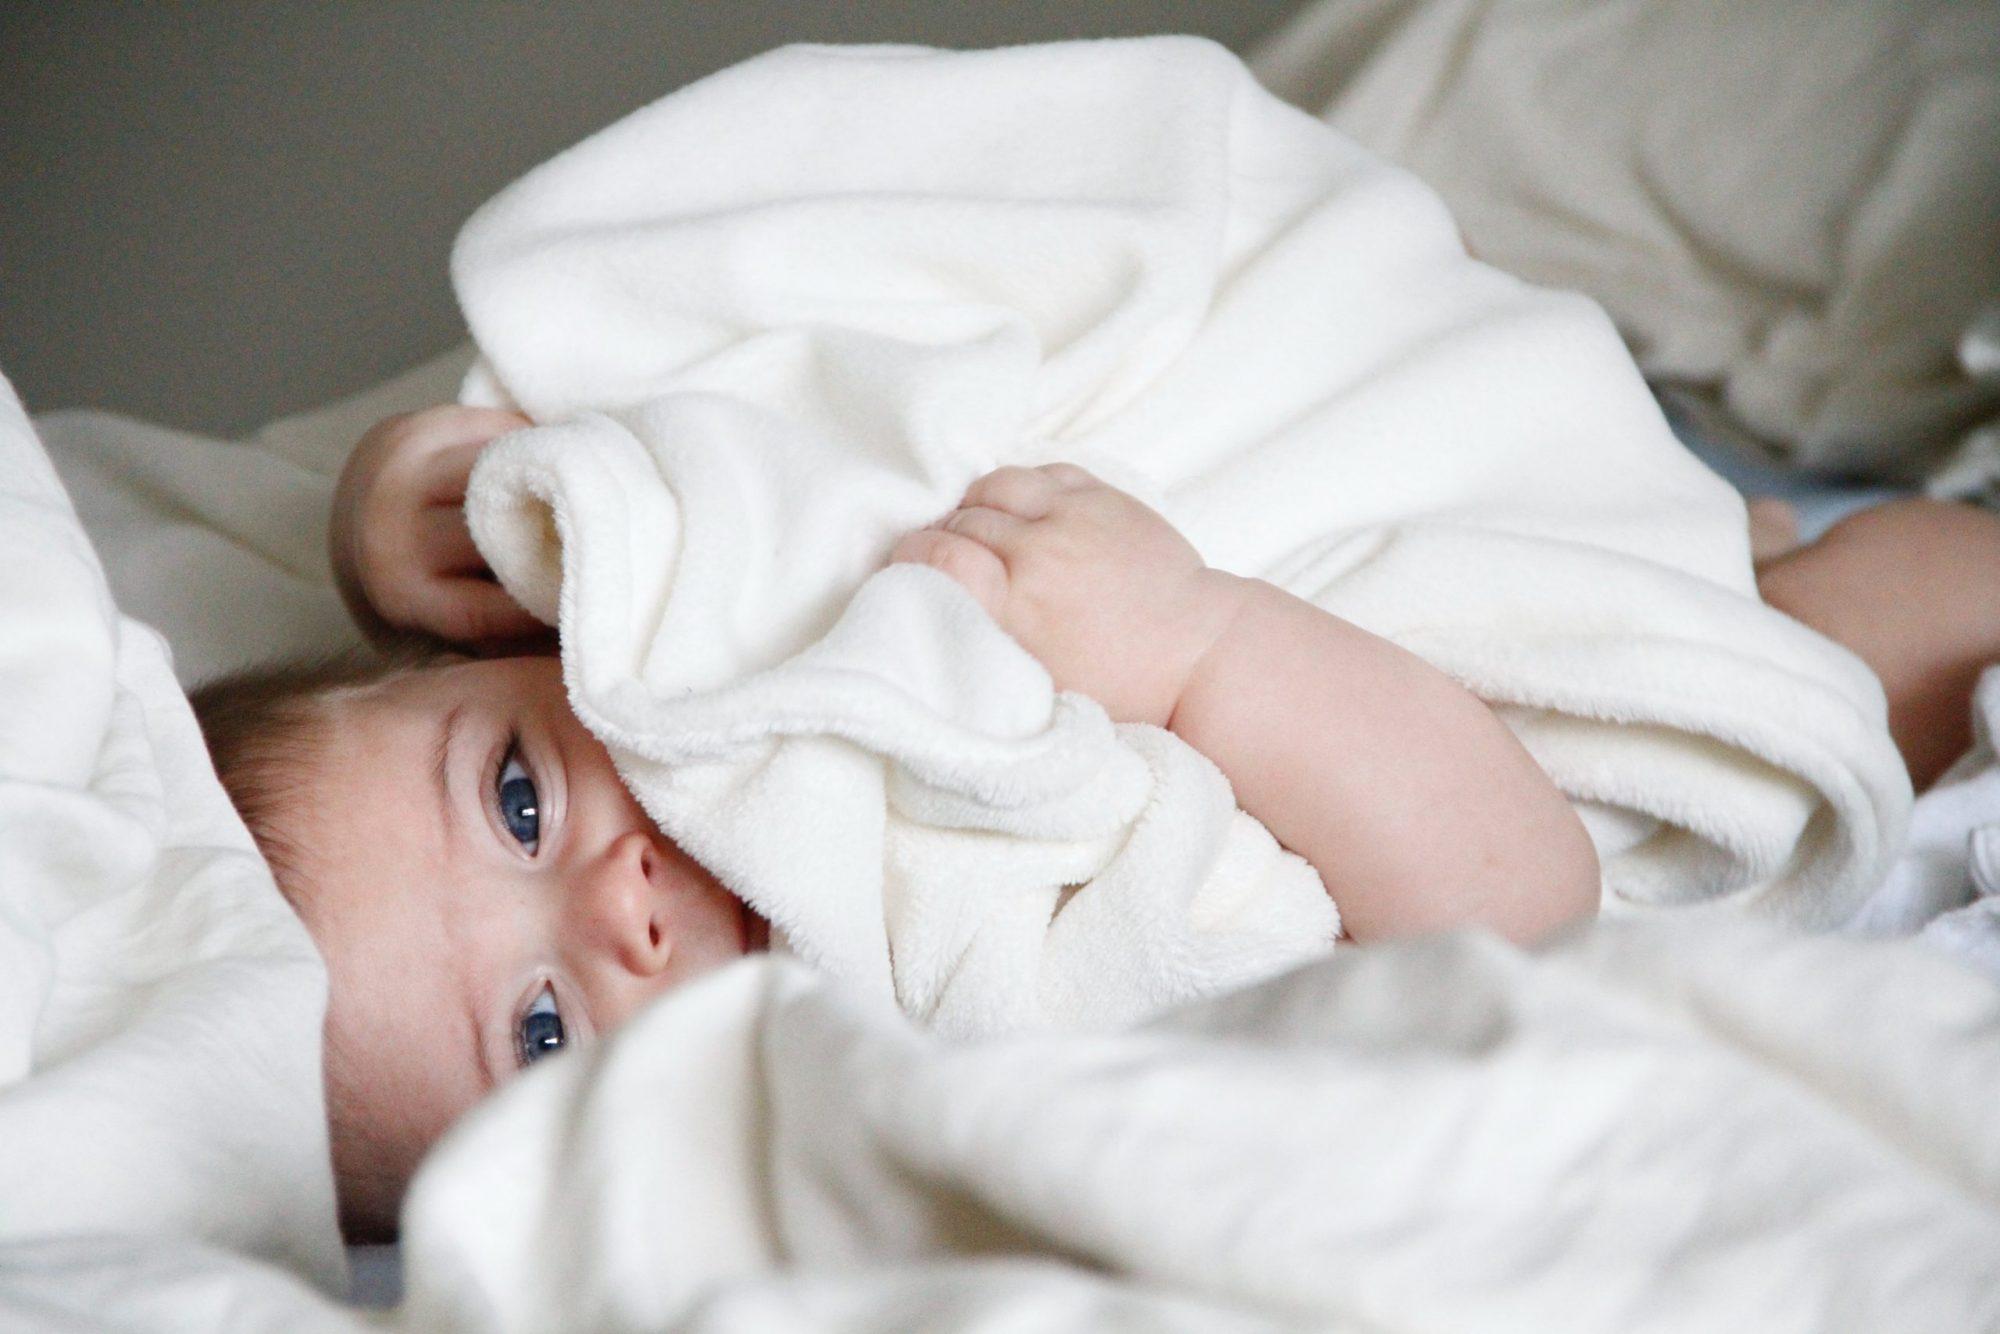 Lapsille annetaan yhä enemmän sukupuolineutraaleja nimiä: Eeri, Tuisku, Ruu, Ilo